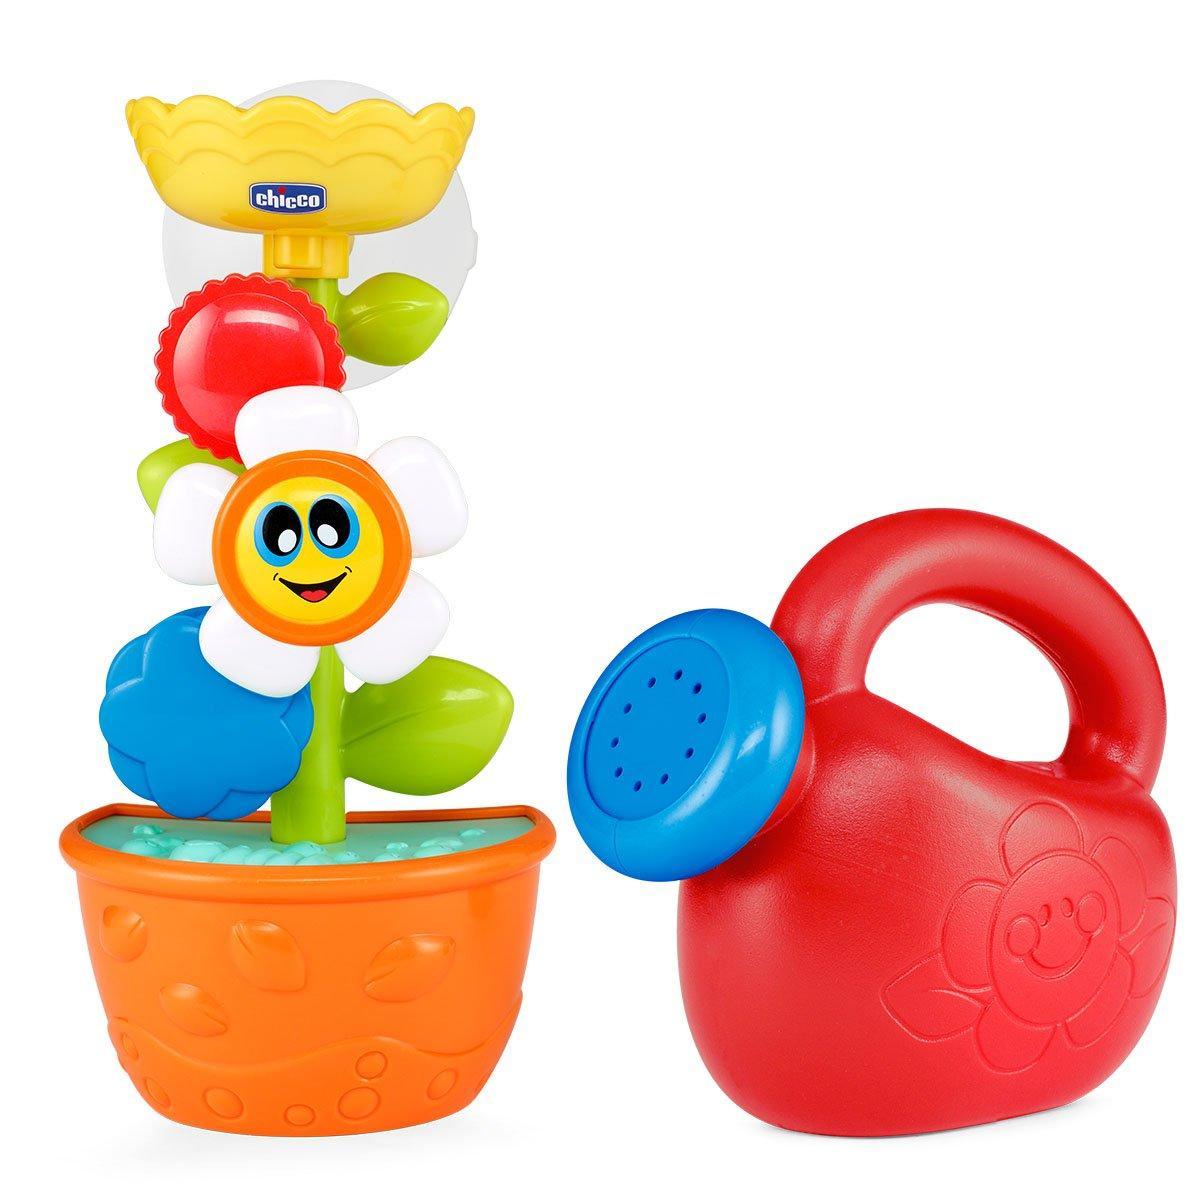 Игрушка для ванной Chicco Цветок